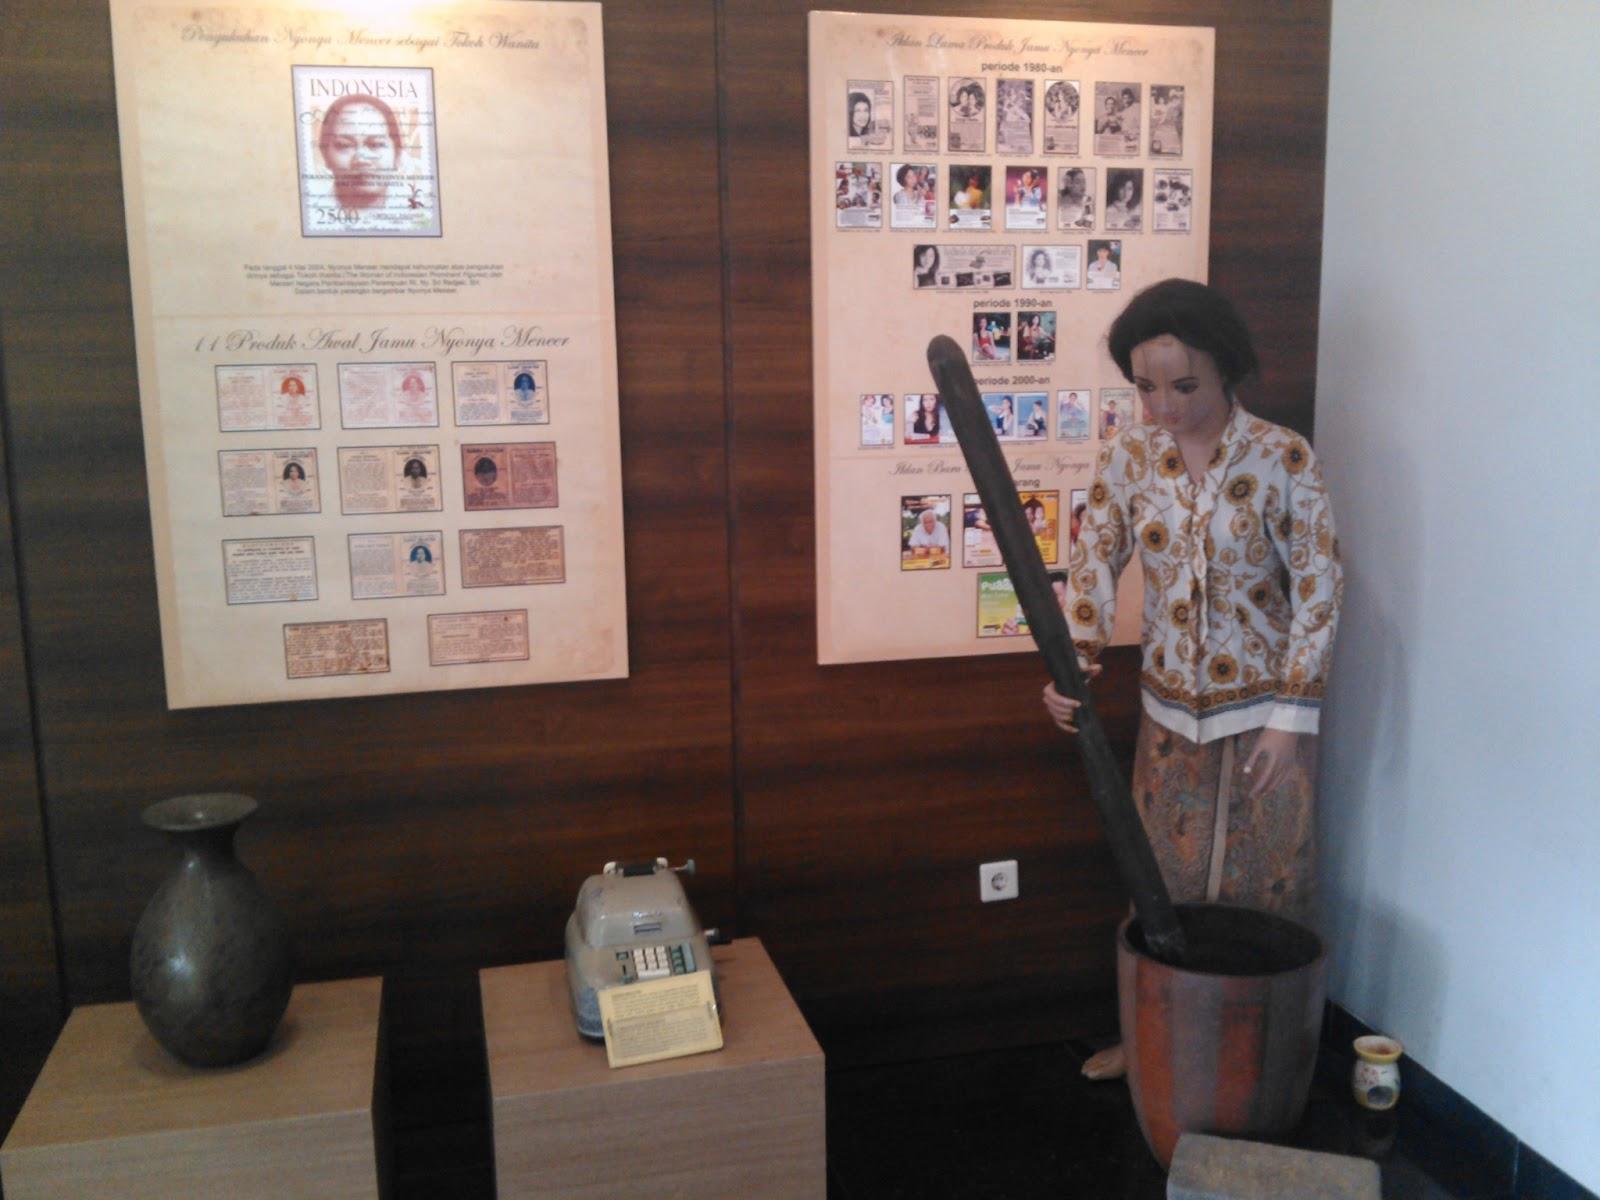 Kaptenhook001 Blogspot Cece Collection Menerima Pesanan Taman Djamoe Pabrik Jamu